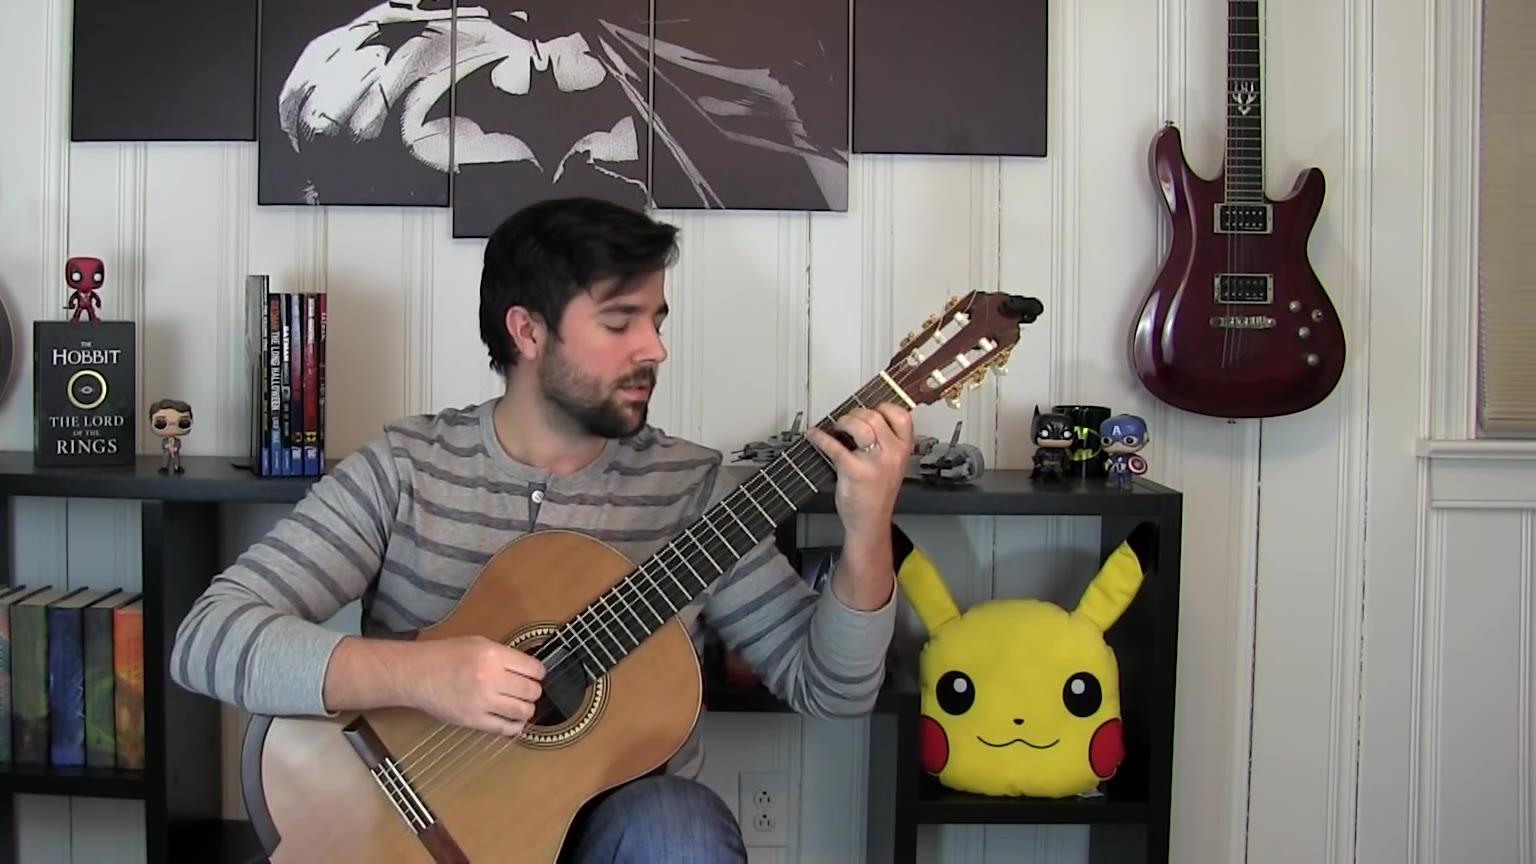 【指弹吉他】最终幻想15主标题音乐